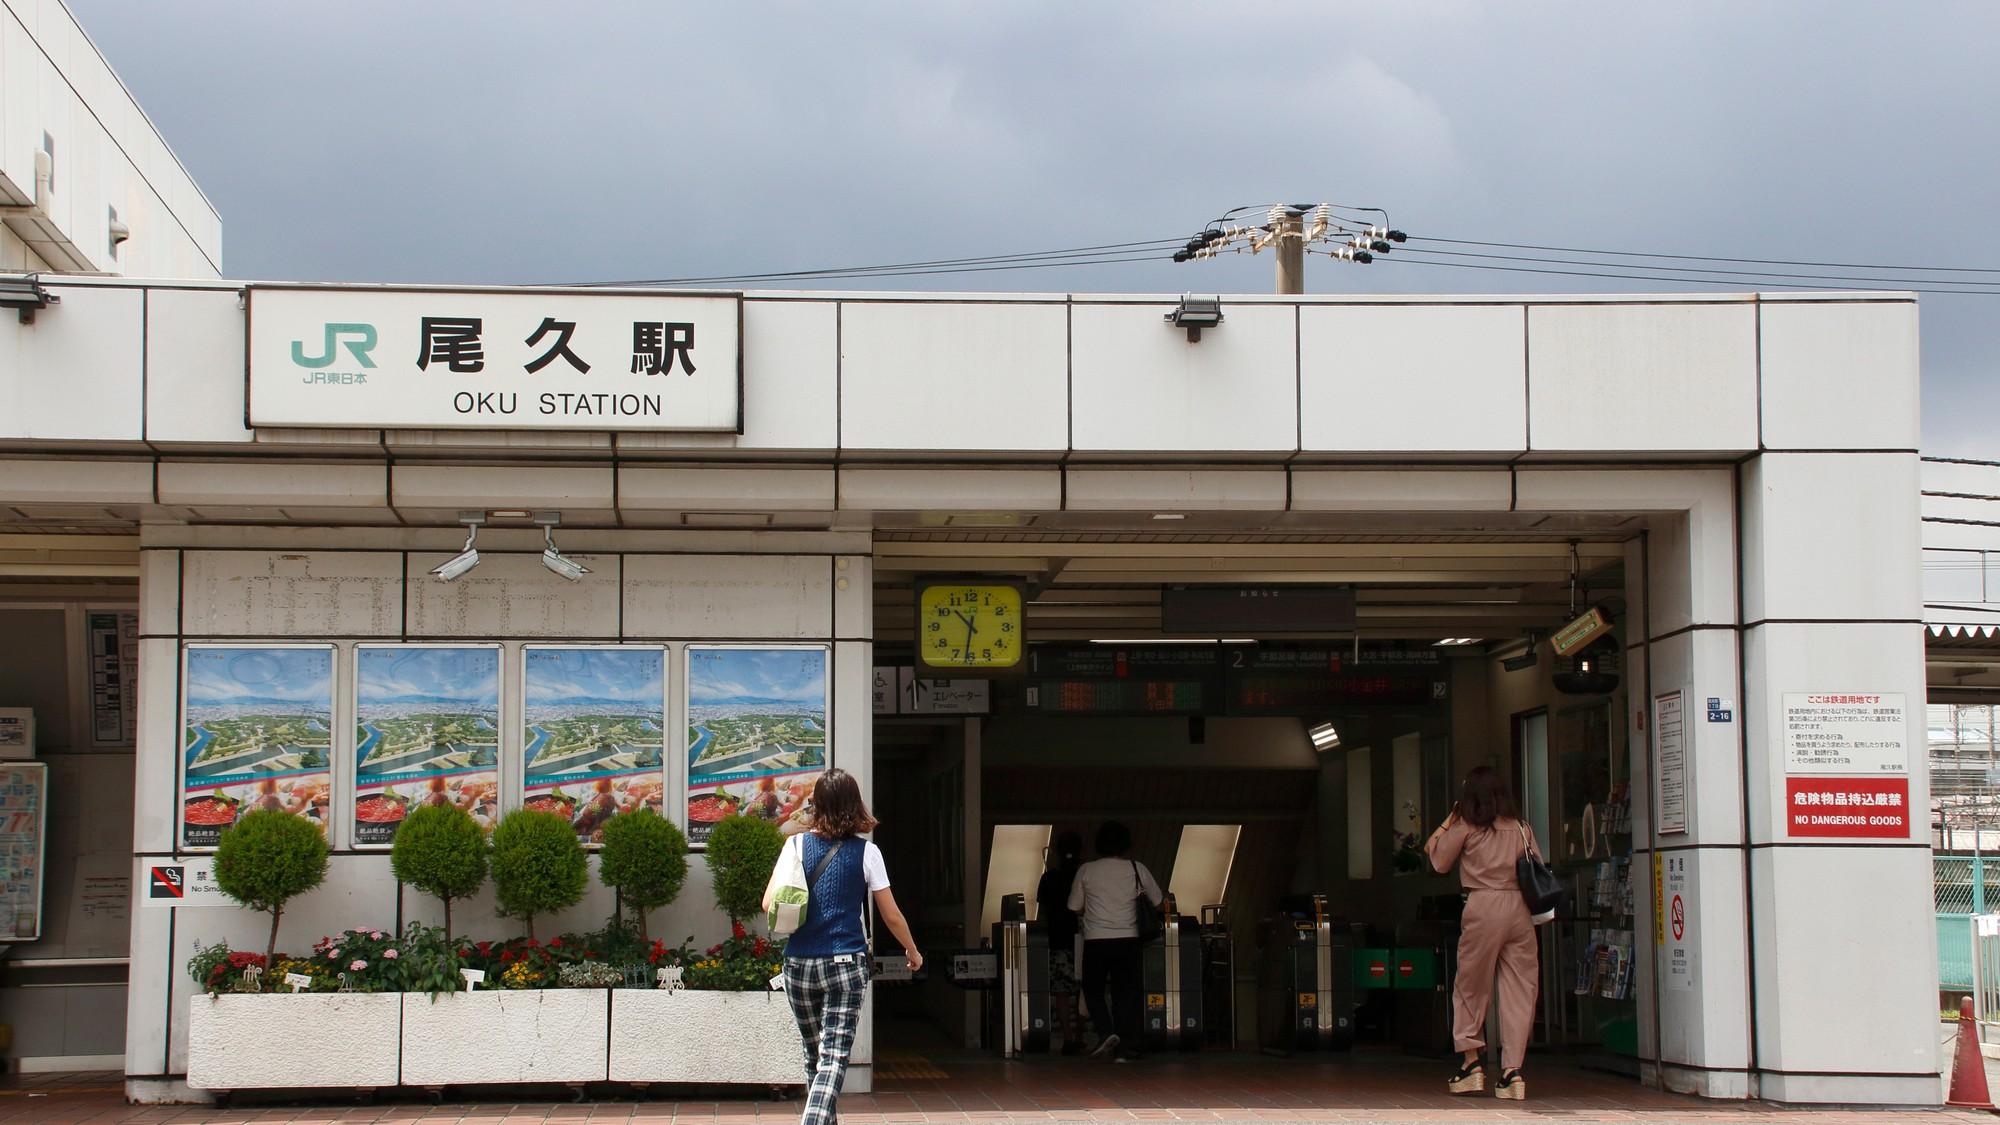 23区有数の閑散駅「北区・尾久」4年で利用客115%増の理由